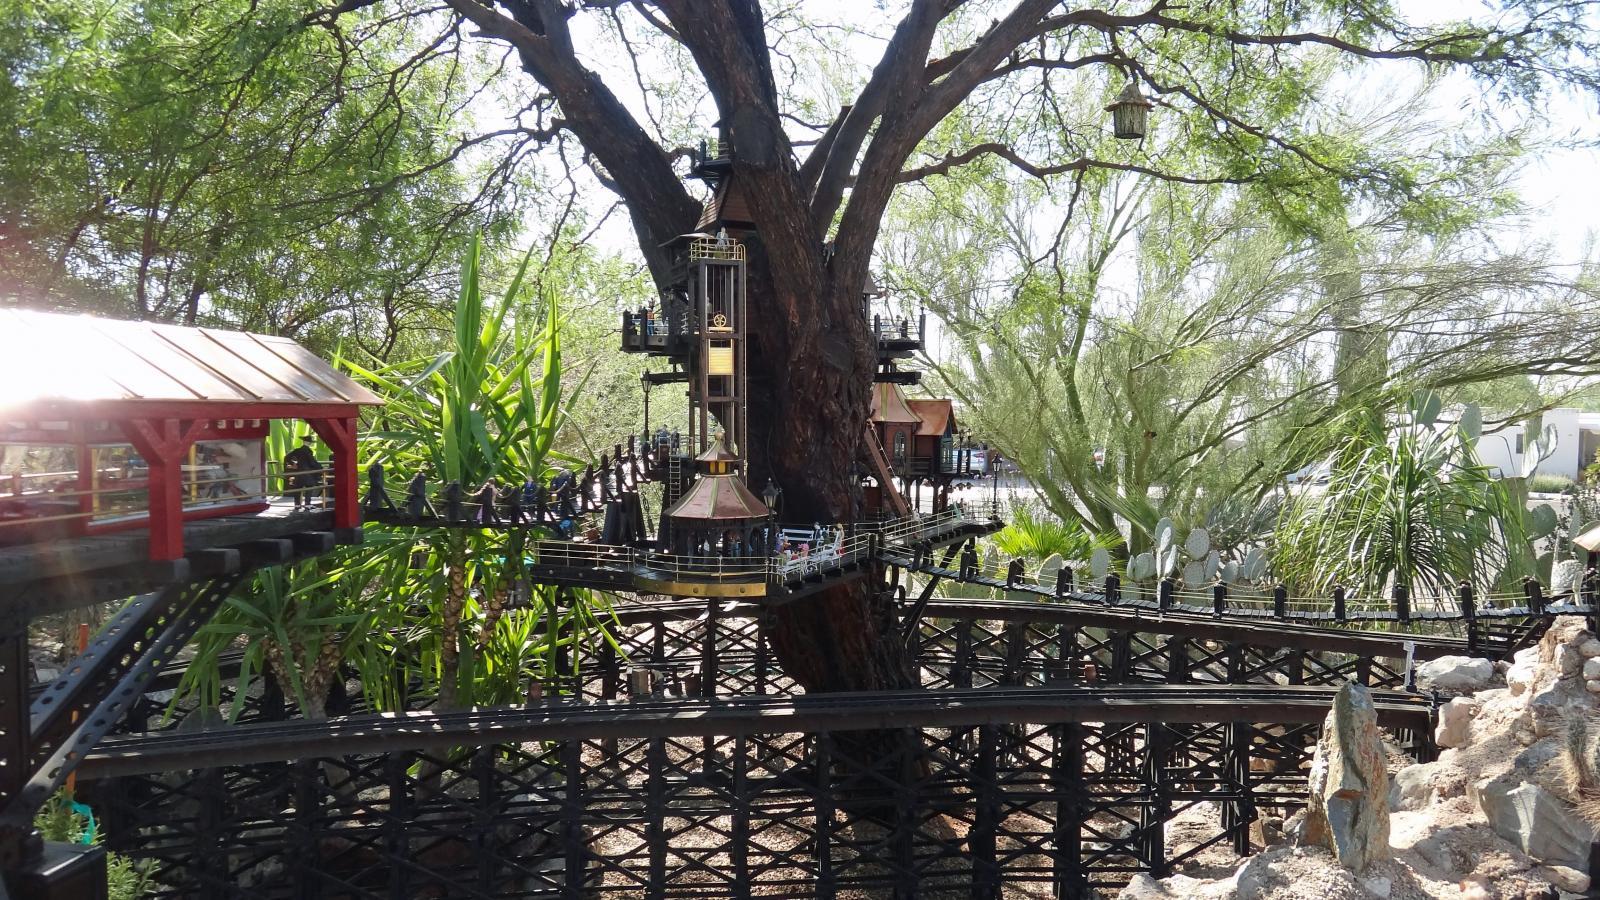 Garden Railway Treehouse Remodeled-62.JPG